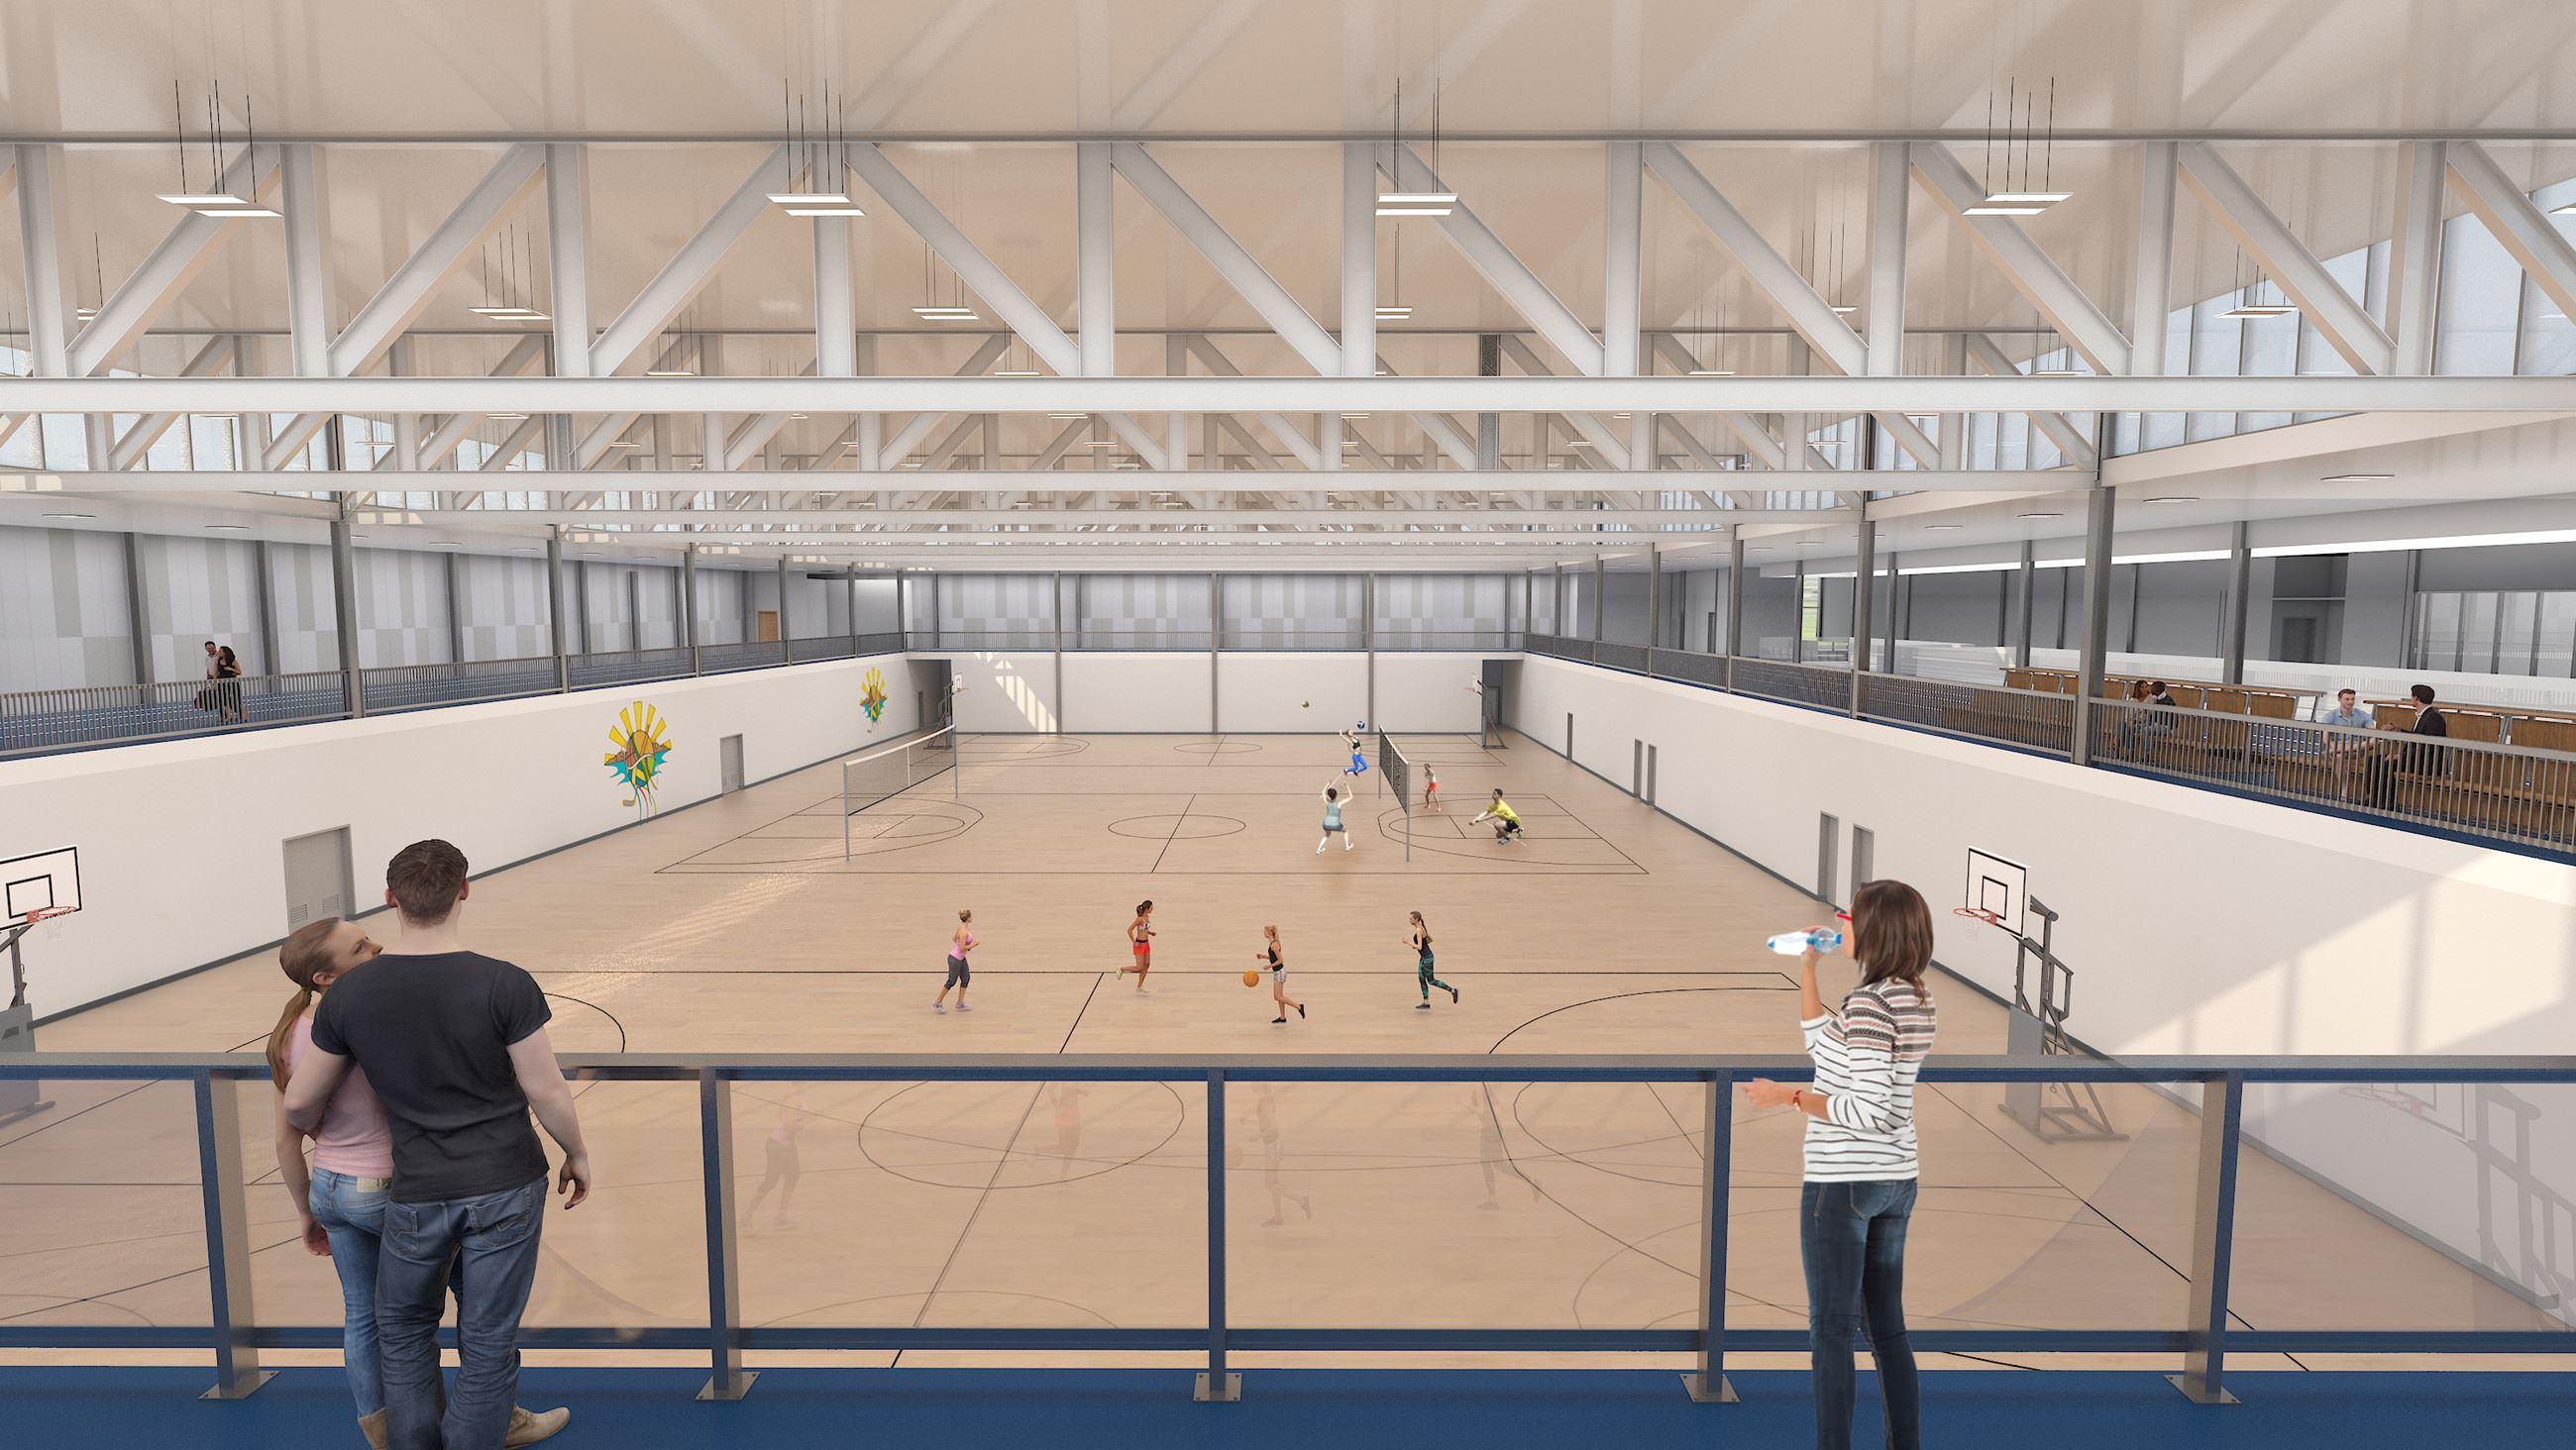 HLMUF_Gymnasium_Highres Opens in new window